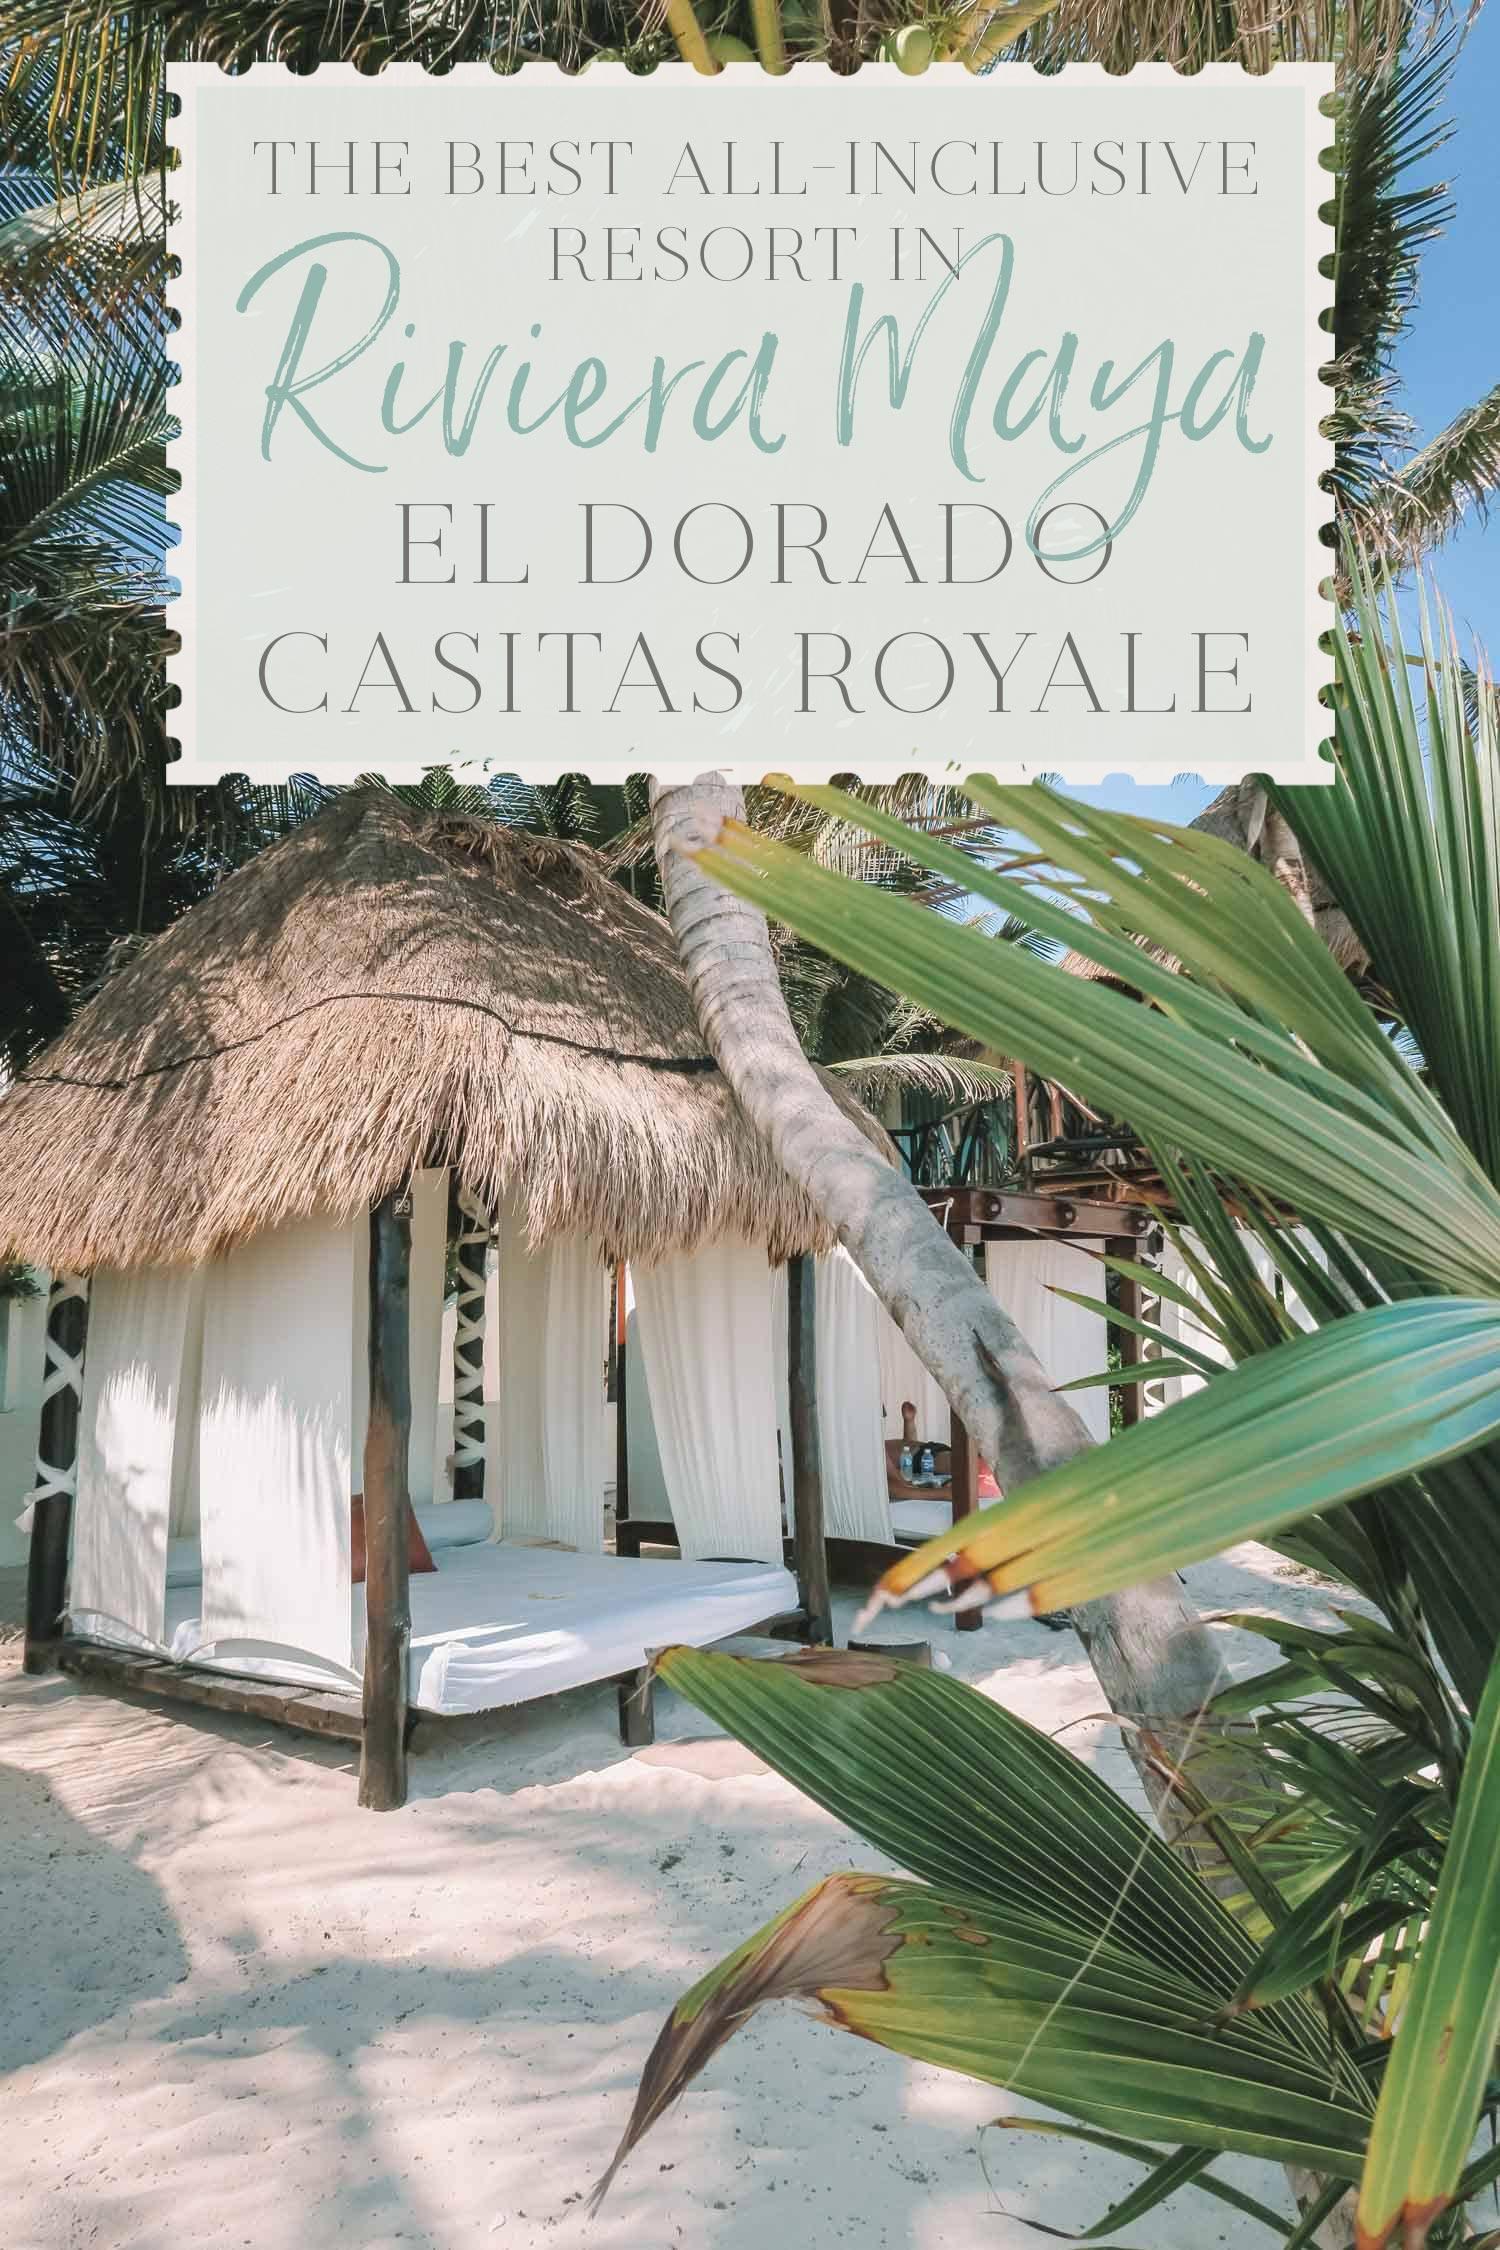 The Best All-Inclusive Resort in Riviera Maya: El Dorado Casitas Royale